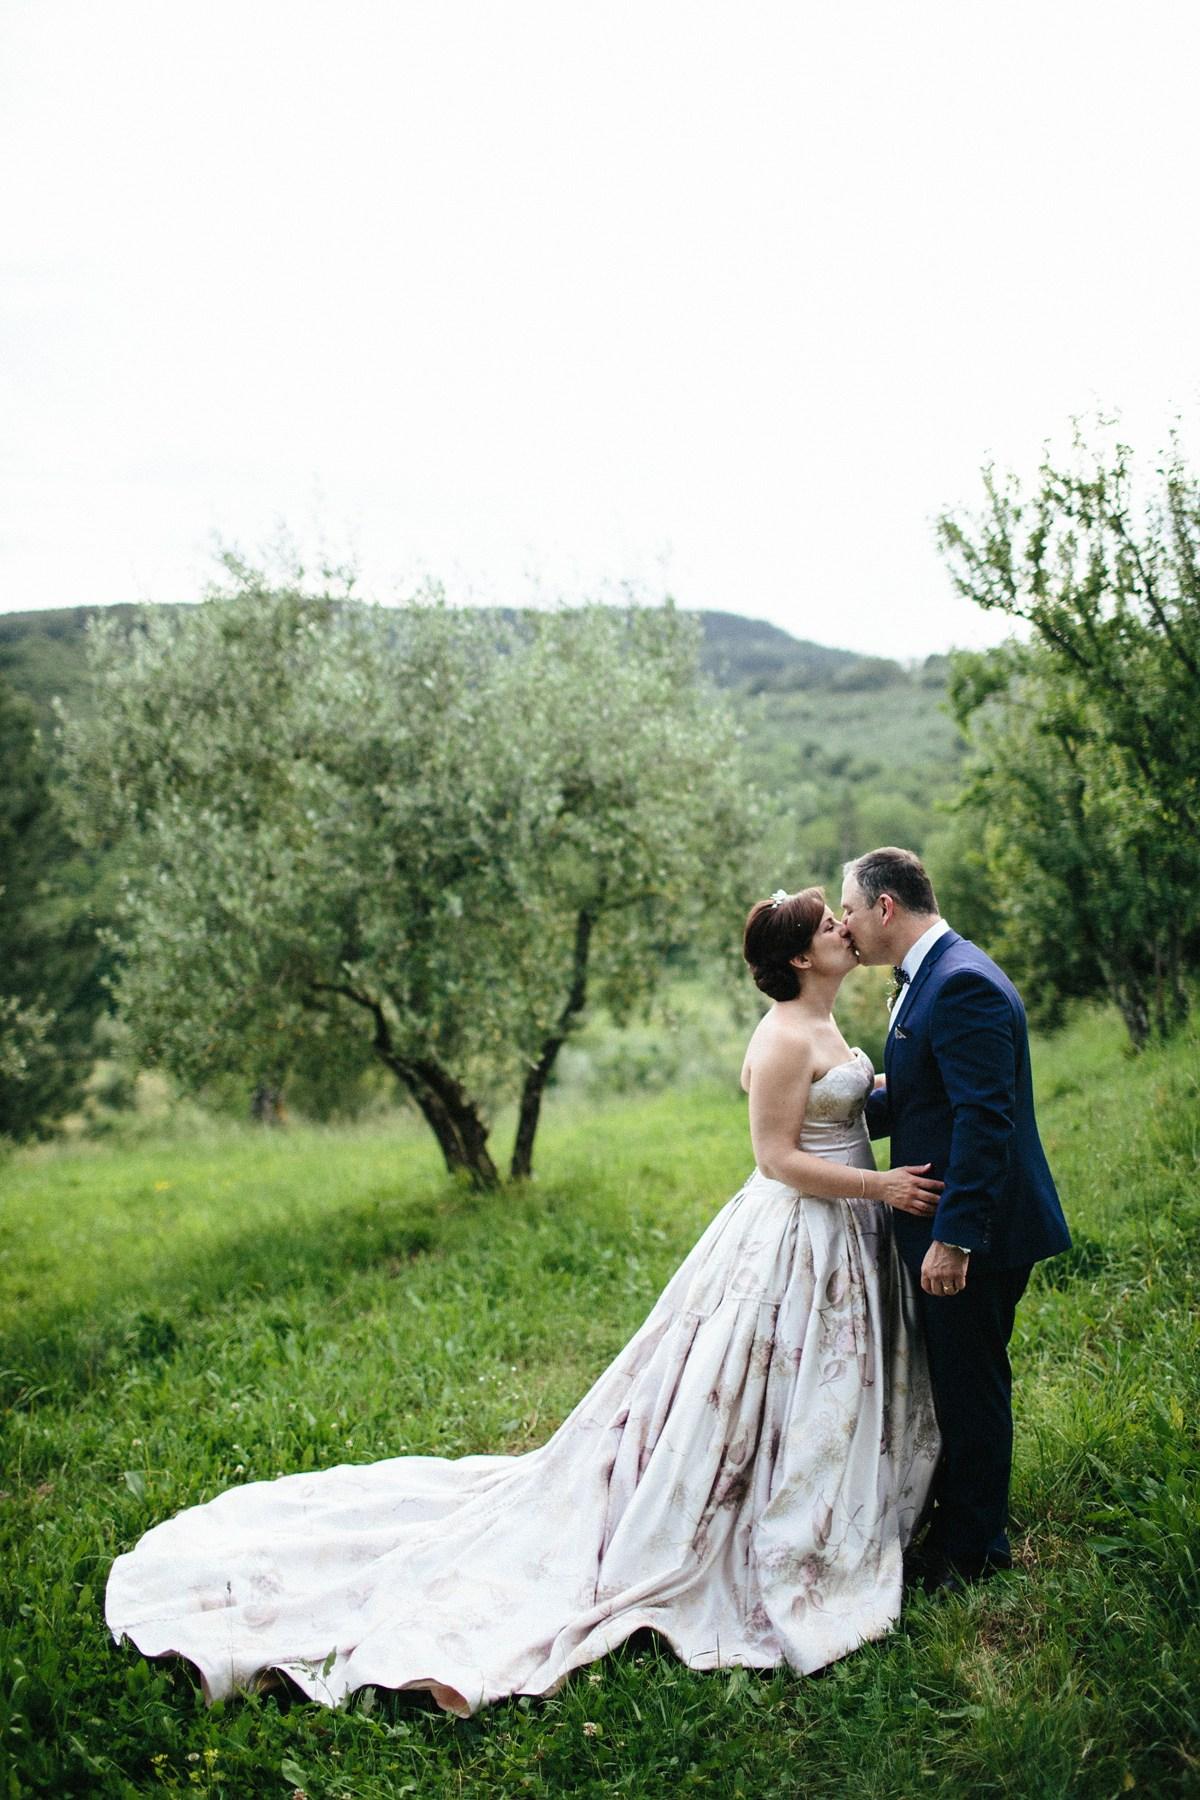 wpid448452-vera-wang-floral-wedding-dress-italy-32